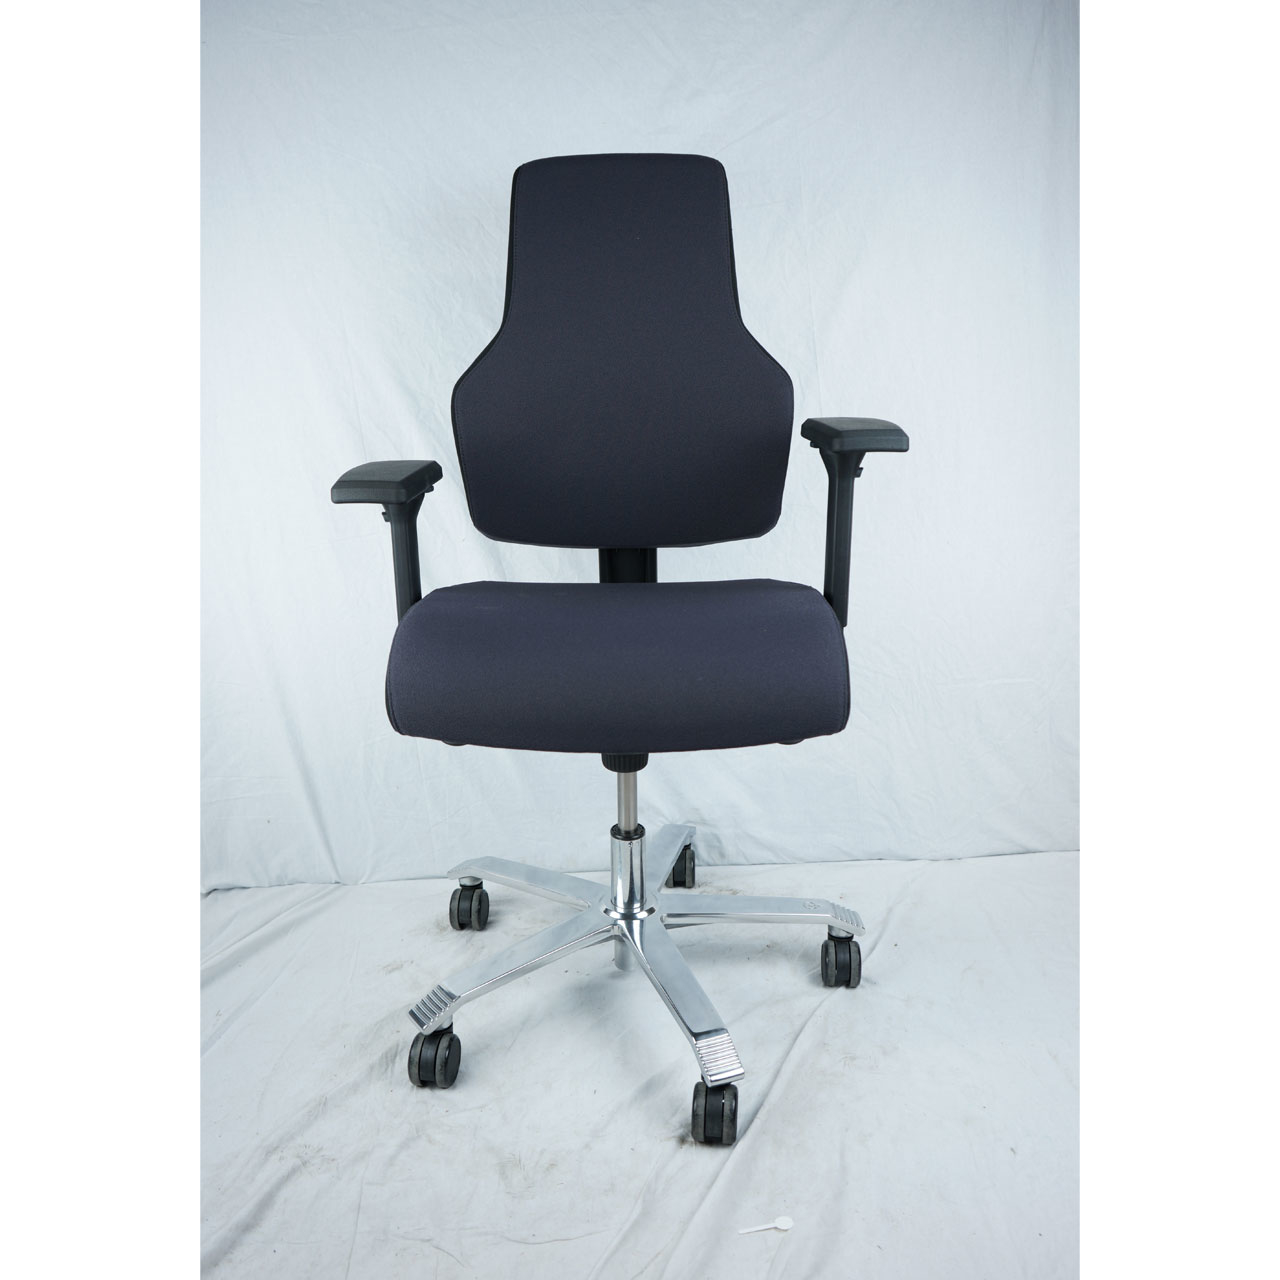 Score At Work bureaustoel Large zwart